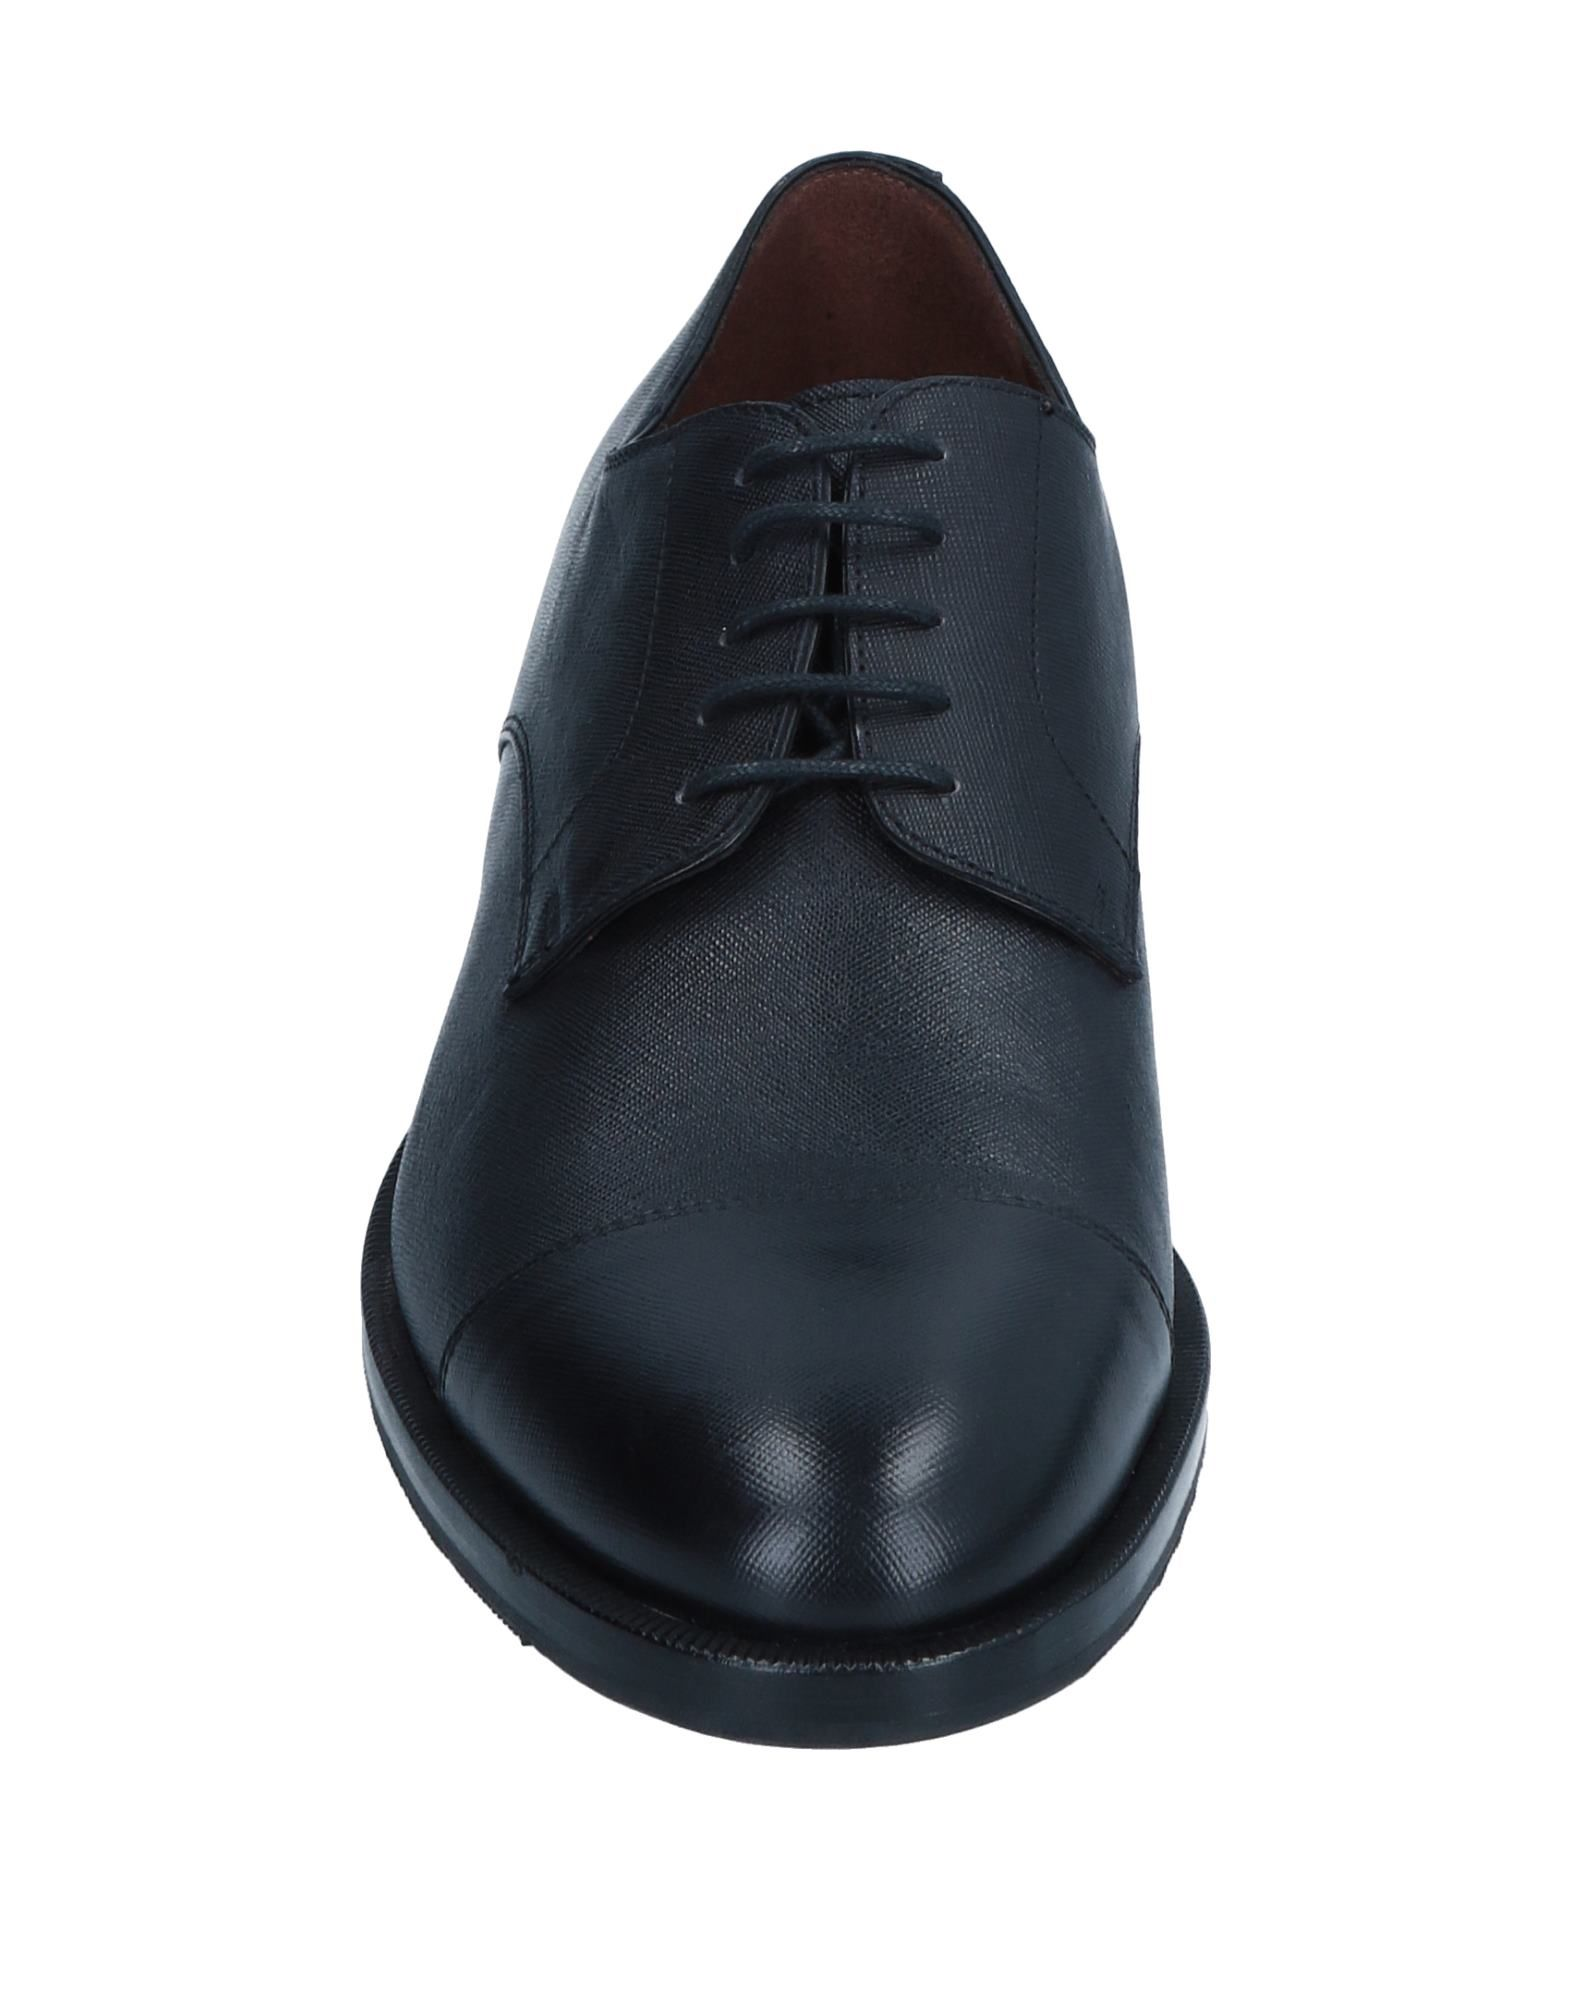 Fratelli Rossetti Schnürschuhe Herren beliebte  11557943MB Gute Qualität beliebte Herren Schuhe 402b49